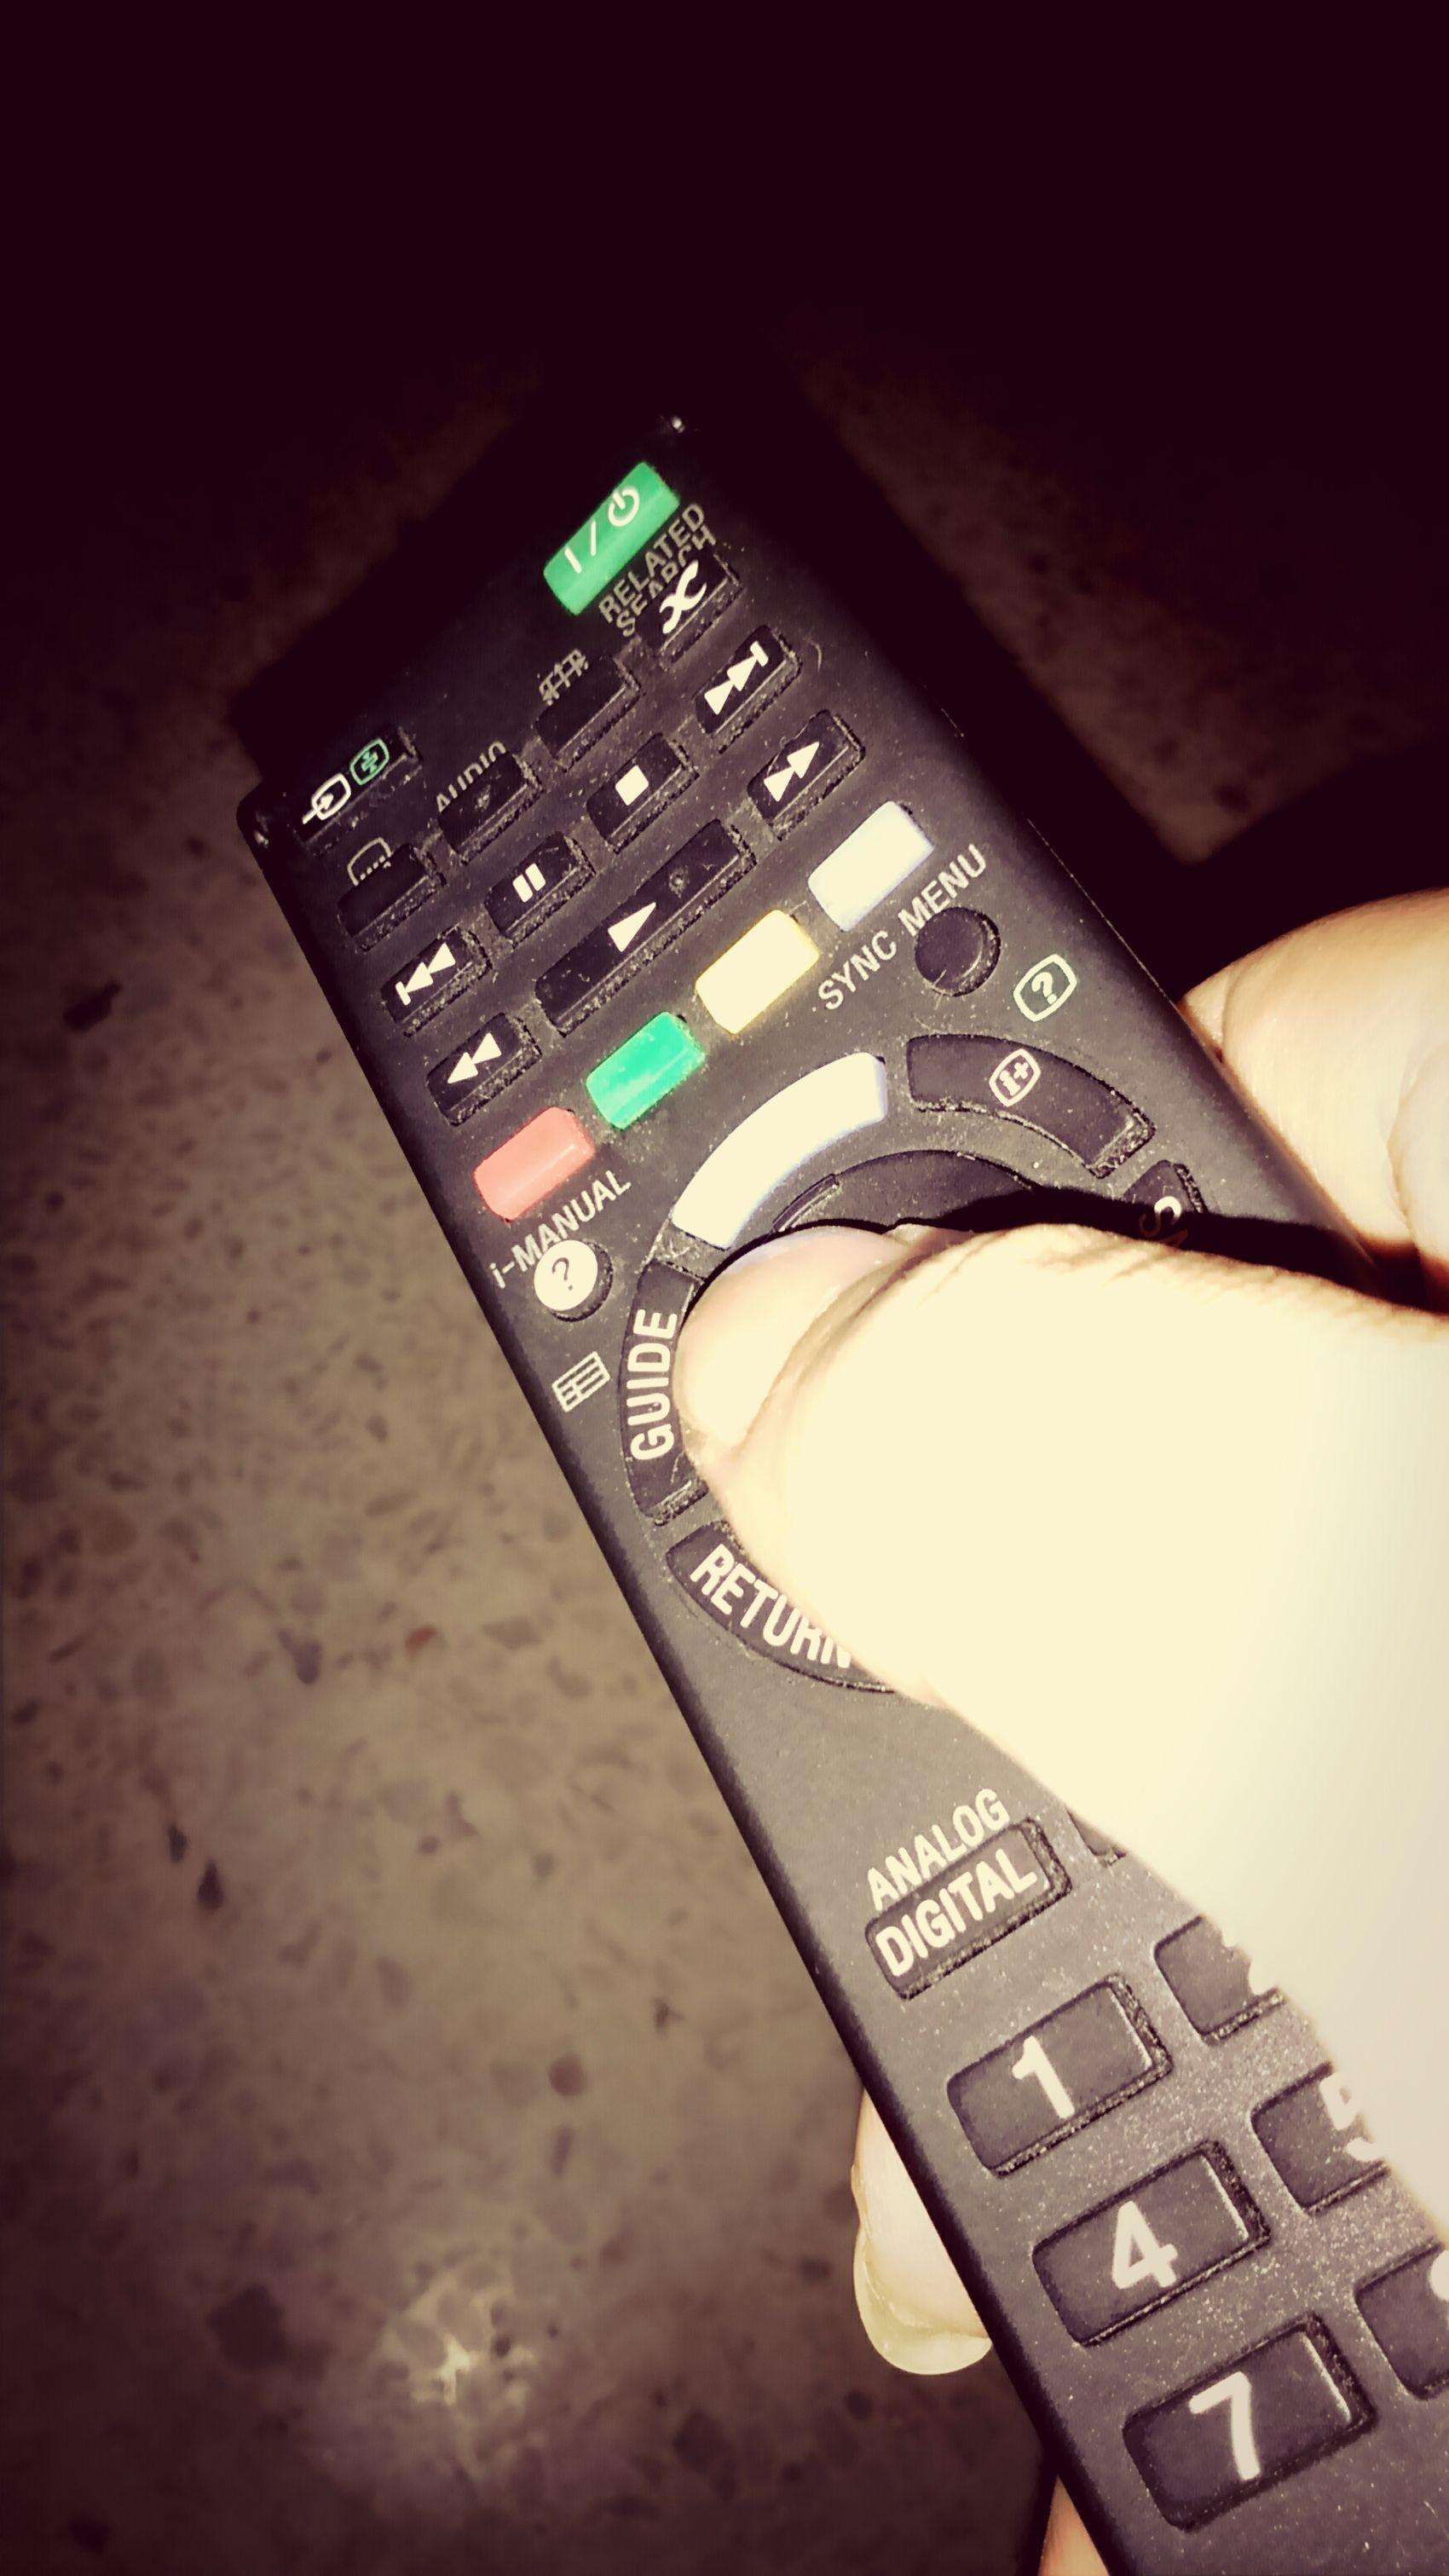 Watching tv. Relaxing